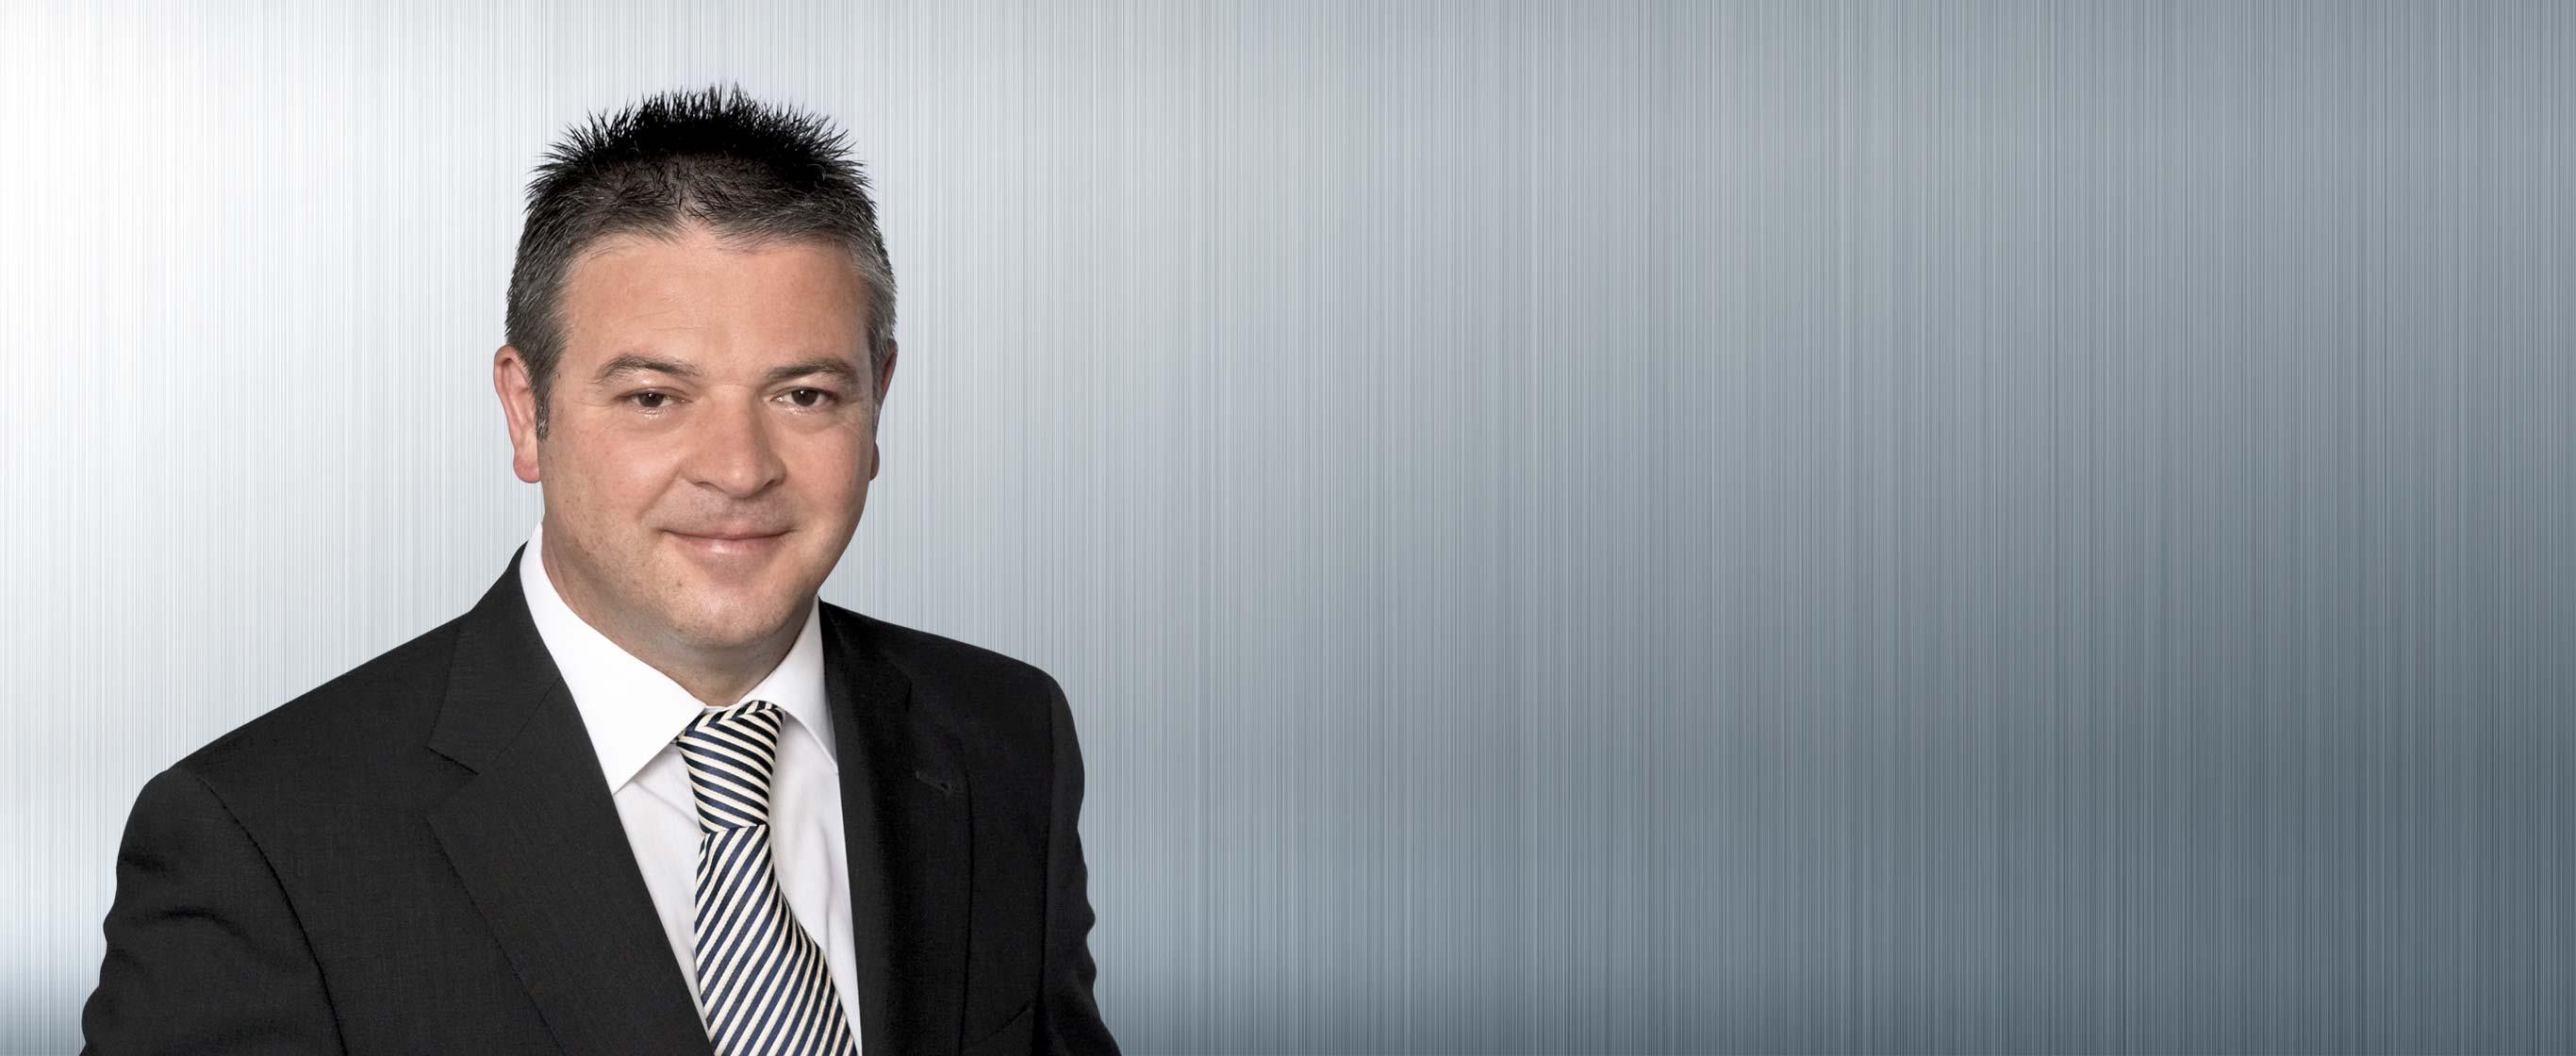 Alfred Bock, Inhaber und Geschäftsführer der Alfred Bock GmbH